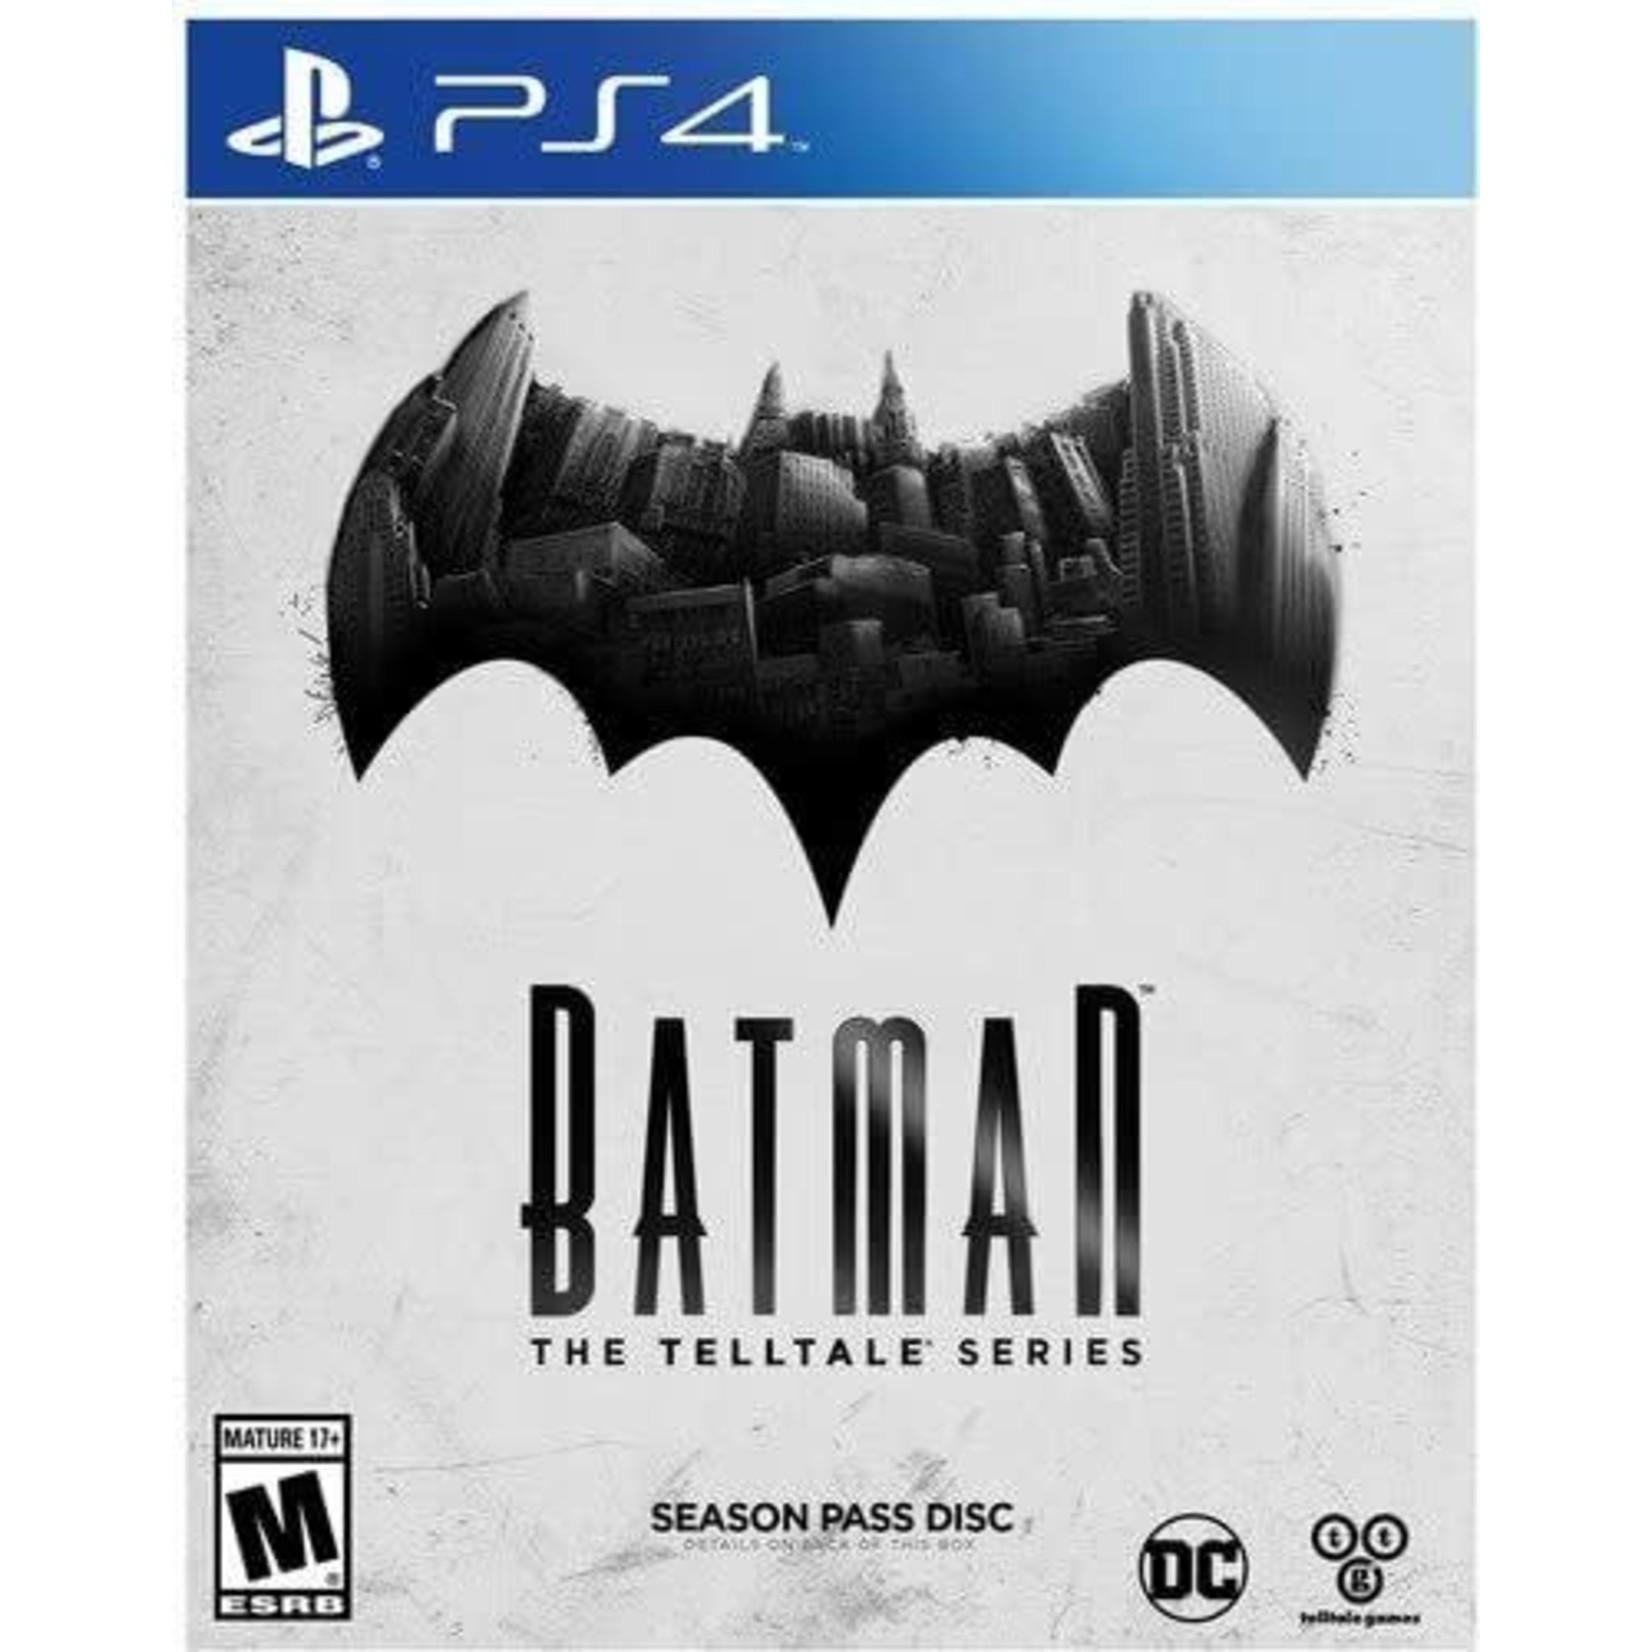 PS4U-Batman the telltale series